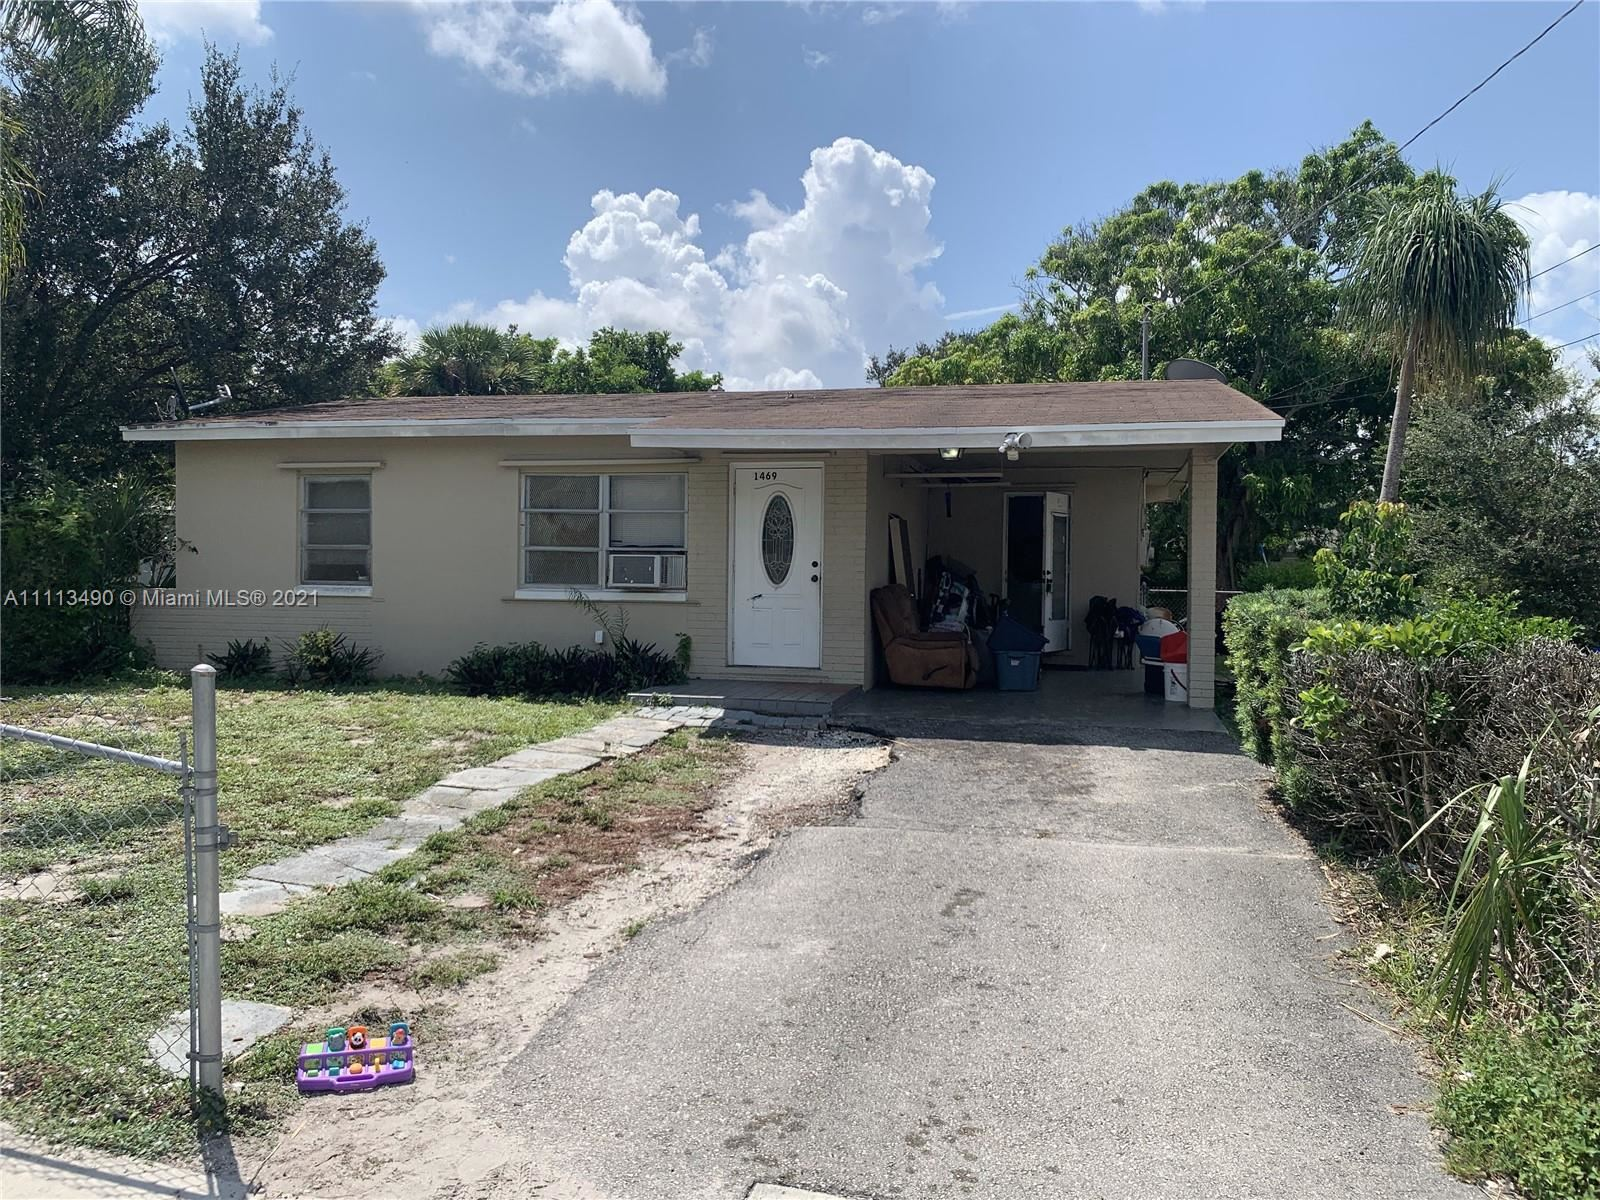 Photo of 1469 W 36th St, Riviera Beach, FL 33404 (MLS # A11113490)